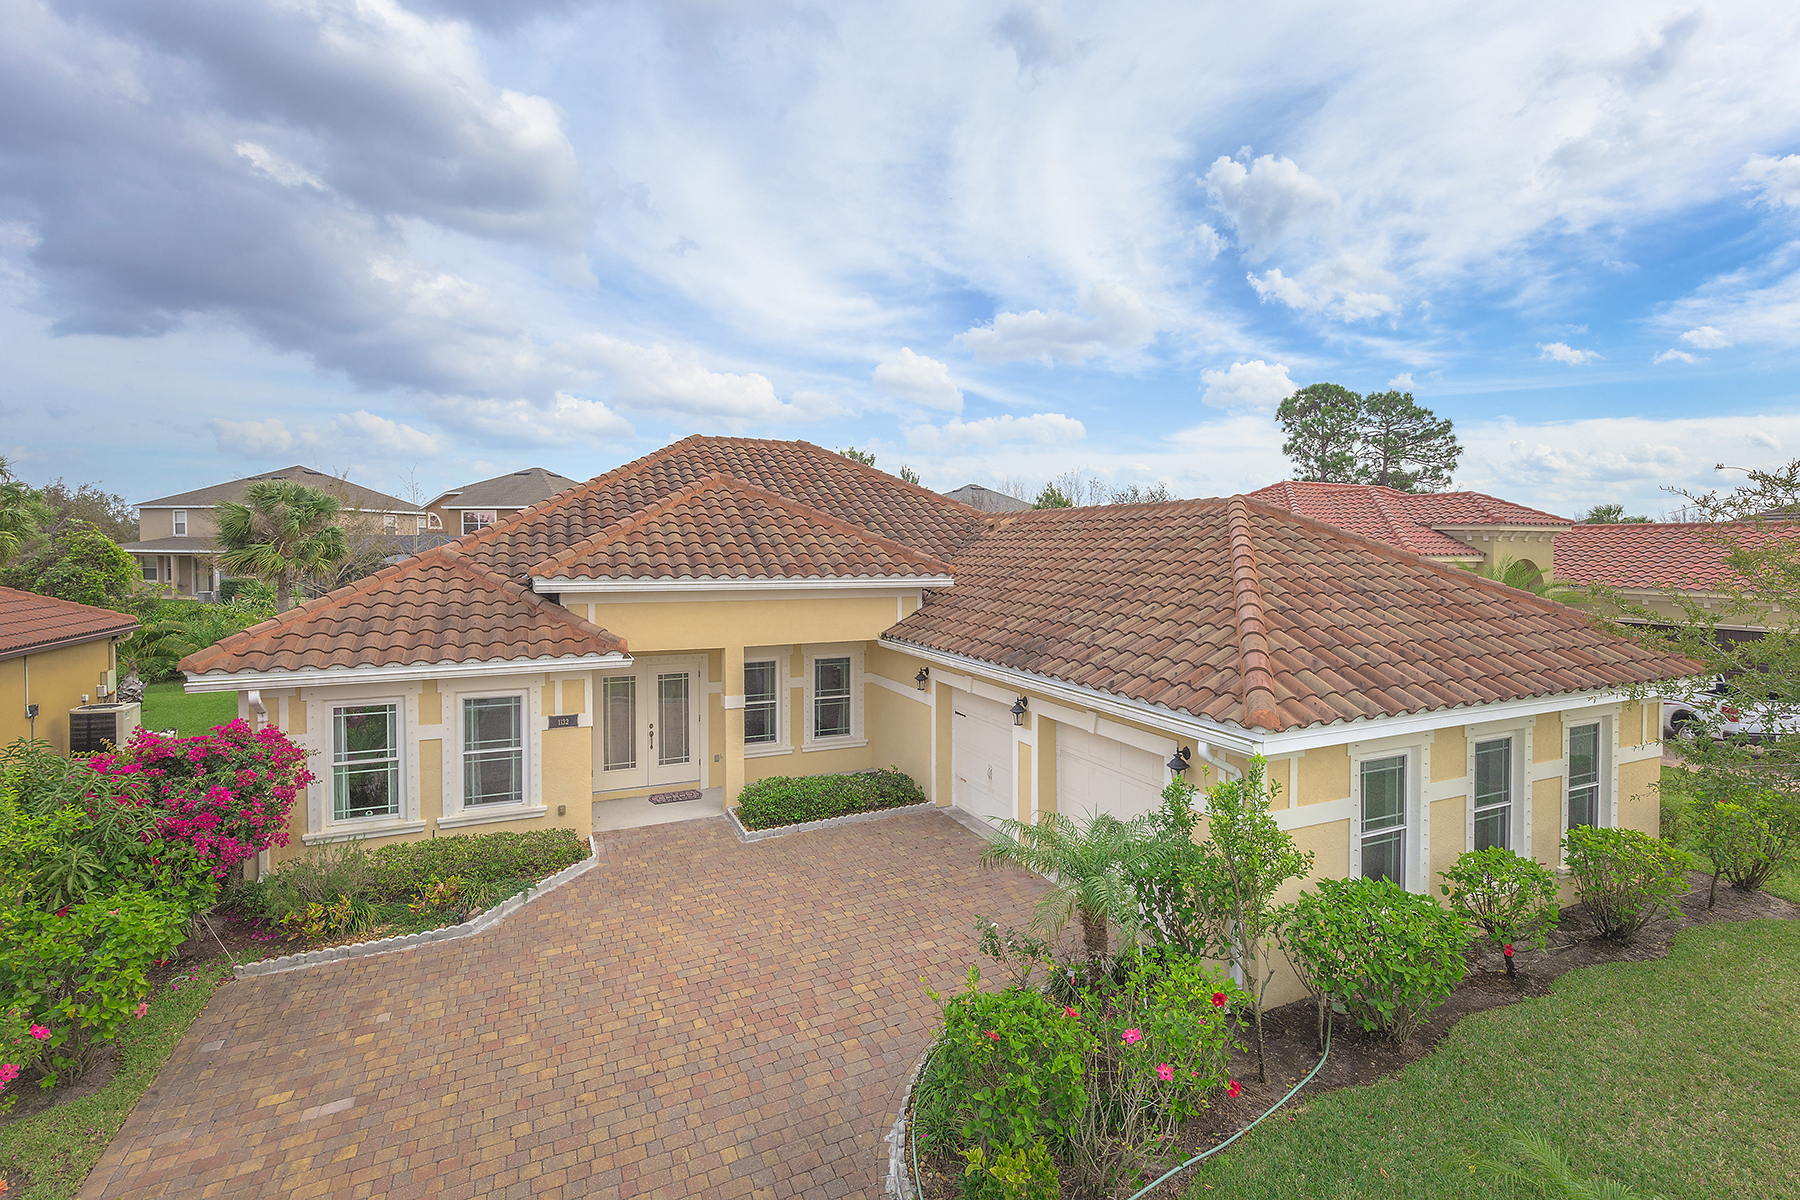 Casa Unifamiliar por un Venta en MELBOURNE 1132 Tralee Bay Ave Melbourne, Florida, 32940 Estados Unidos